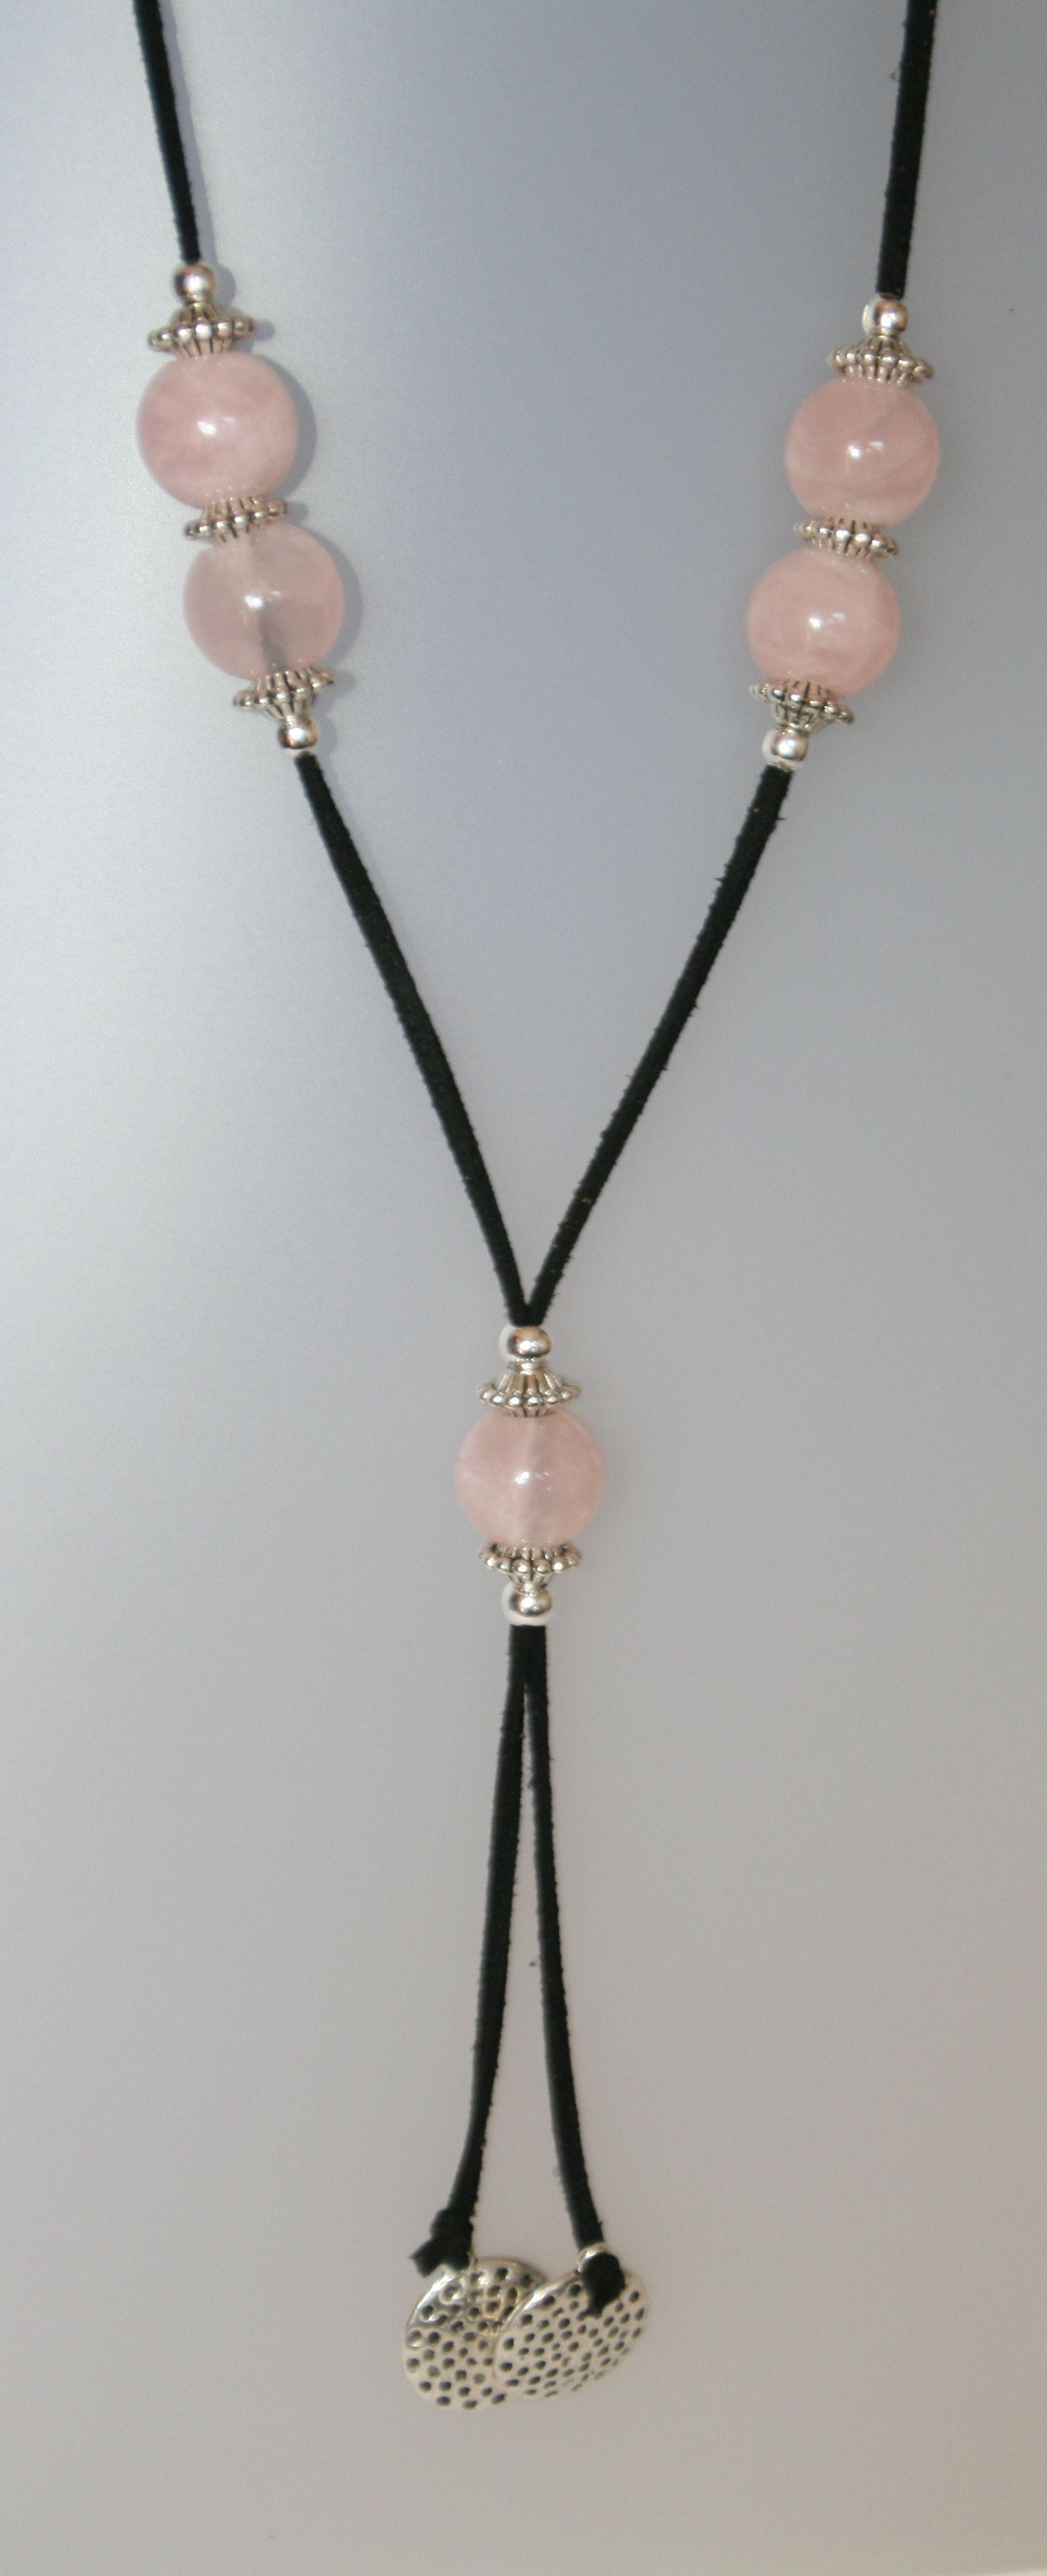 9f5d759fc26d Collar de cuarzo rosa  Bisuteria  Bisuterias  Bisuteriafina  costarica